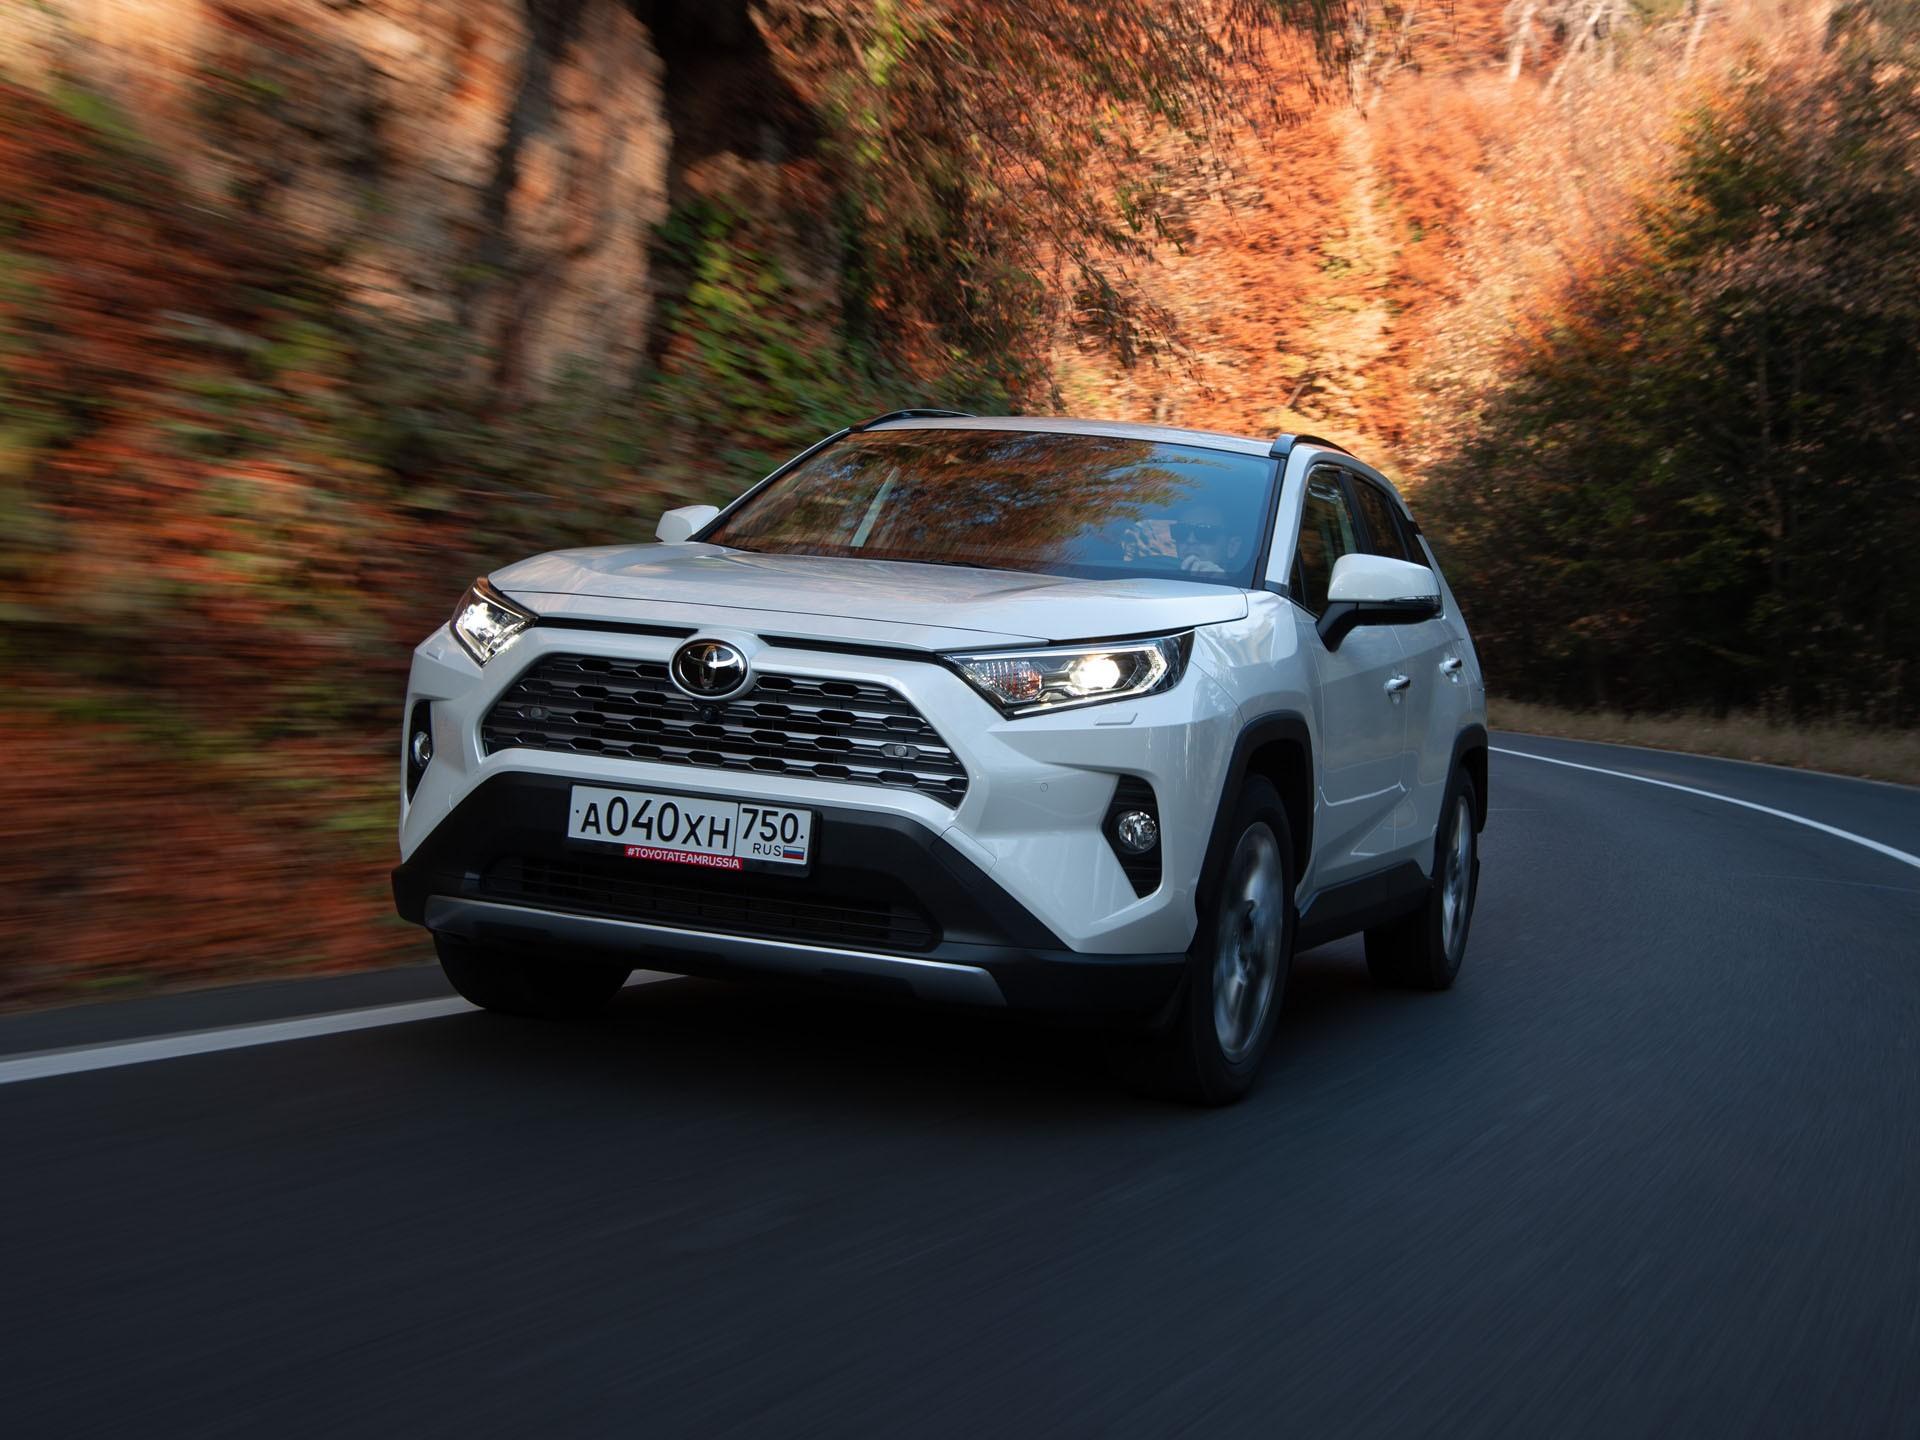 7 лет уверенности: Тойота представляет новую программу постгарантийной поддержки для всех клиентов Toyota и Lexus